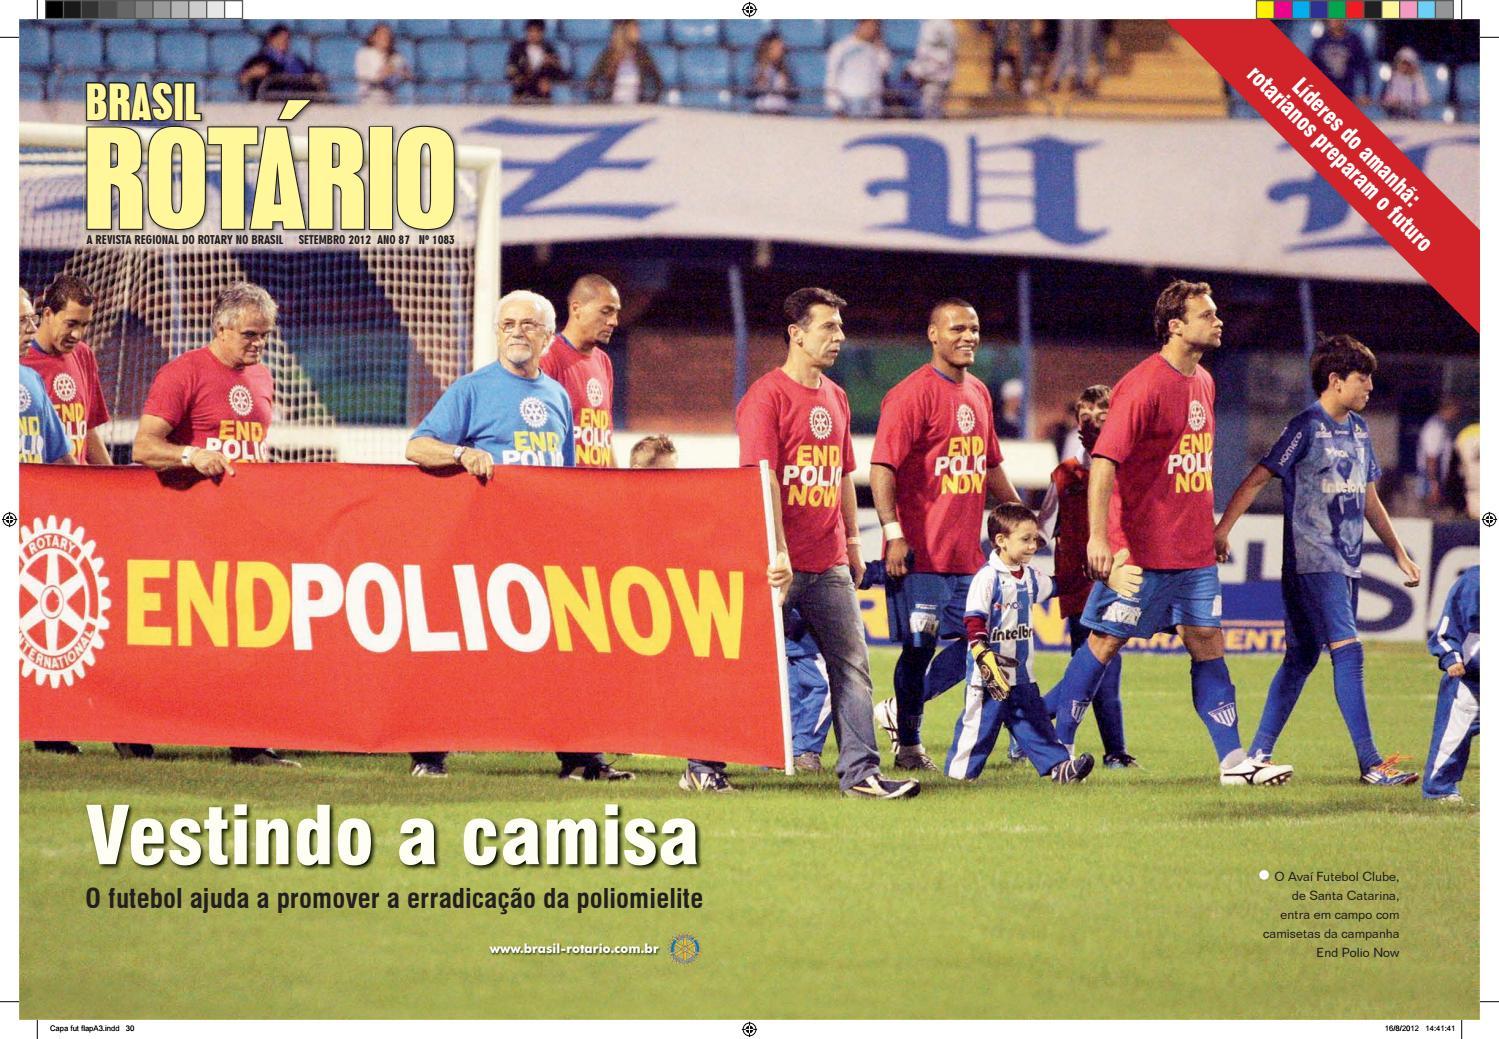 1083 - Brasil Rotário - Setembro de 2012 by Revista Rotary Brasil - issuu 0fa9431f30d8b